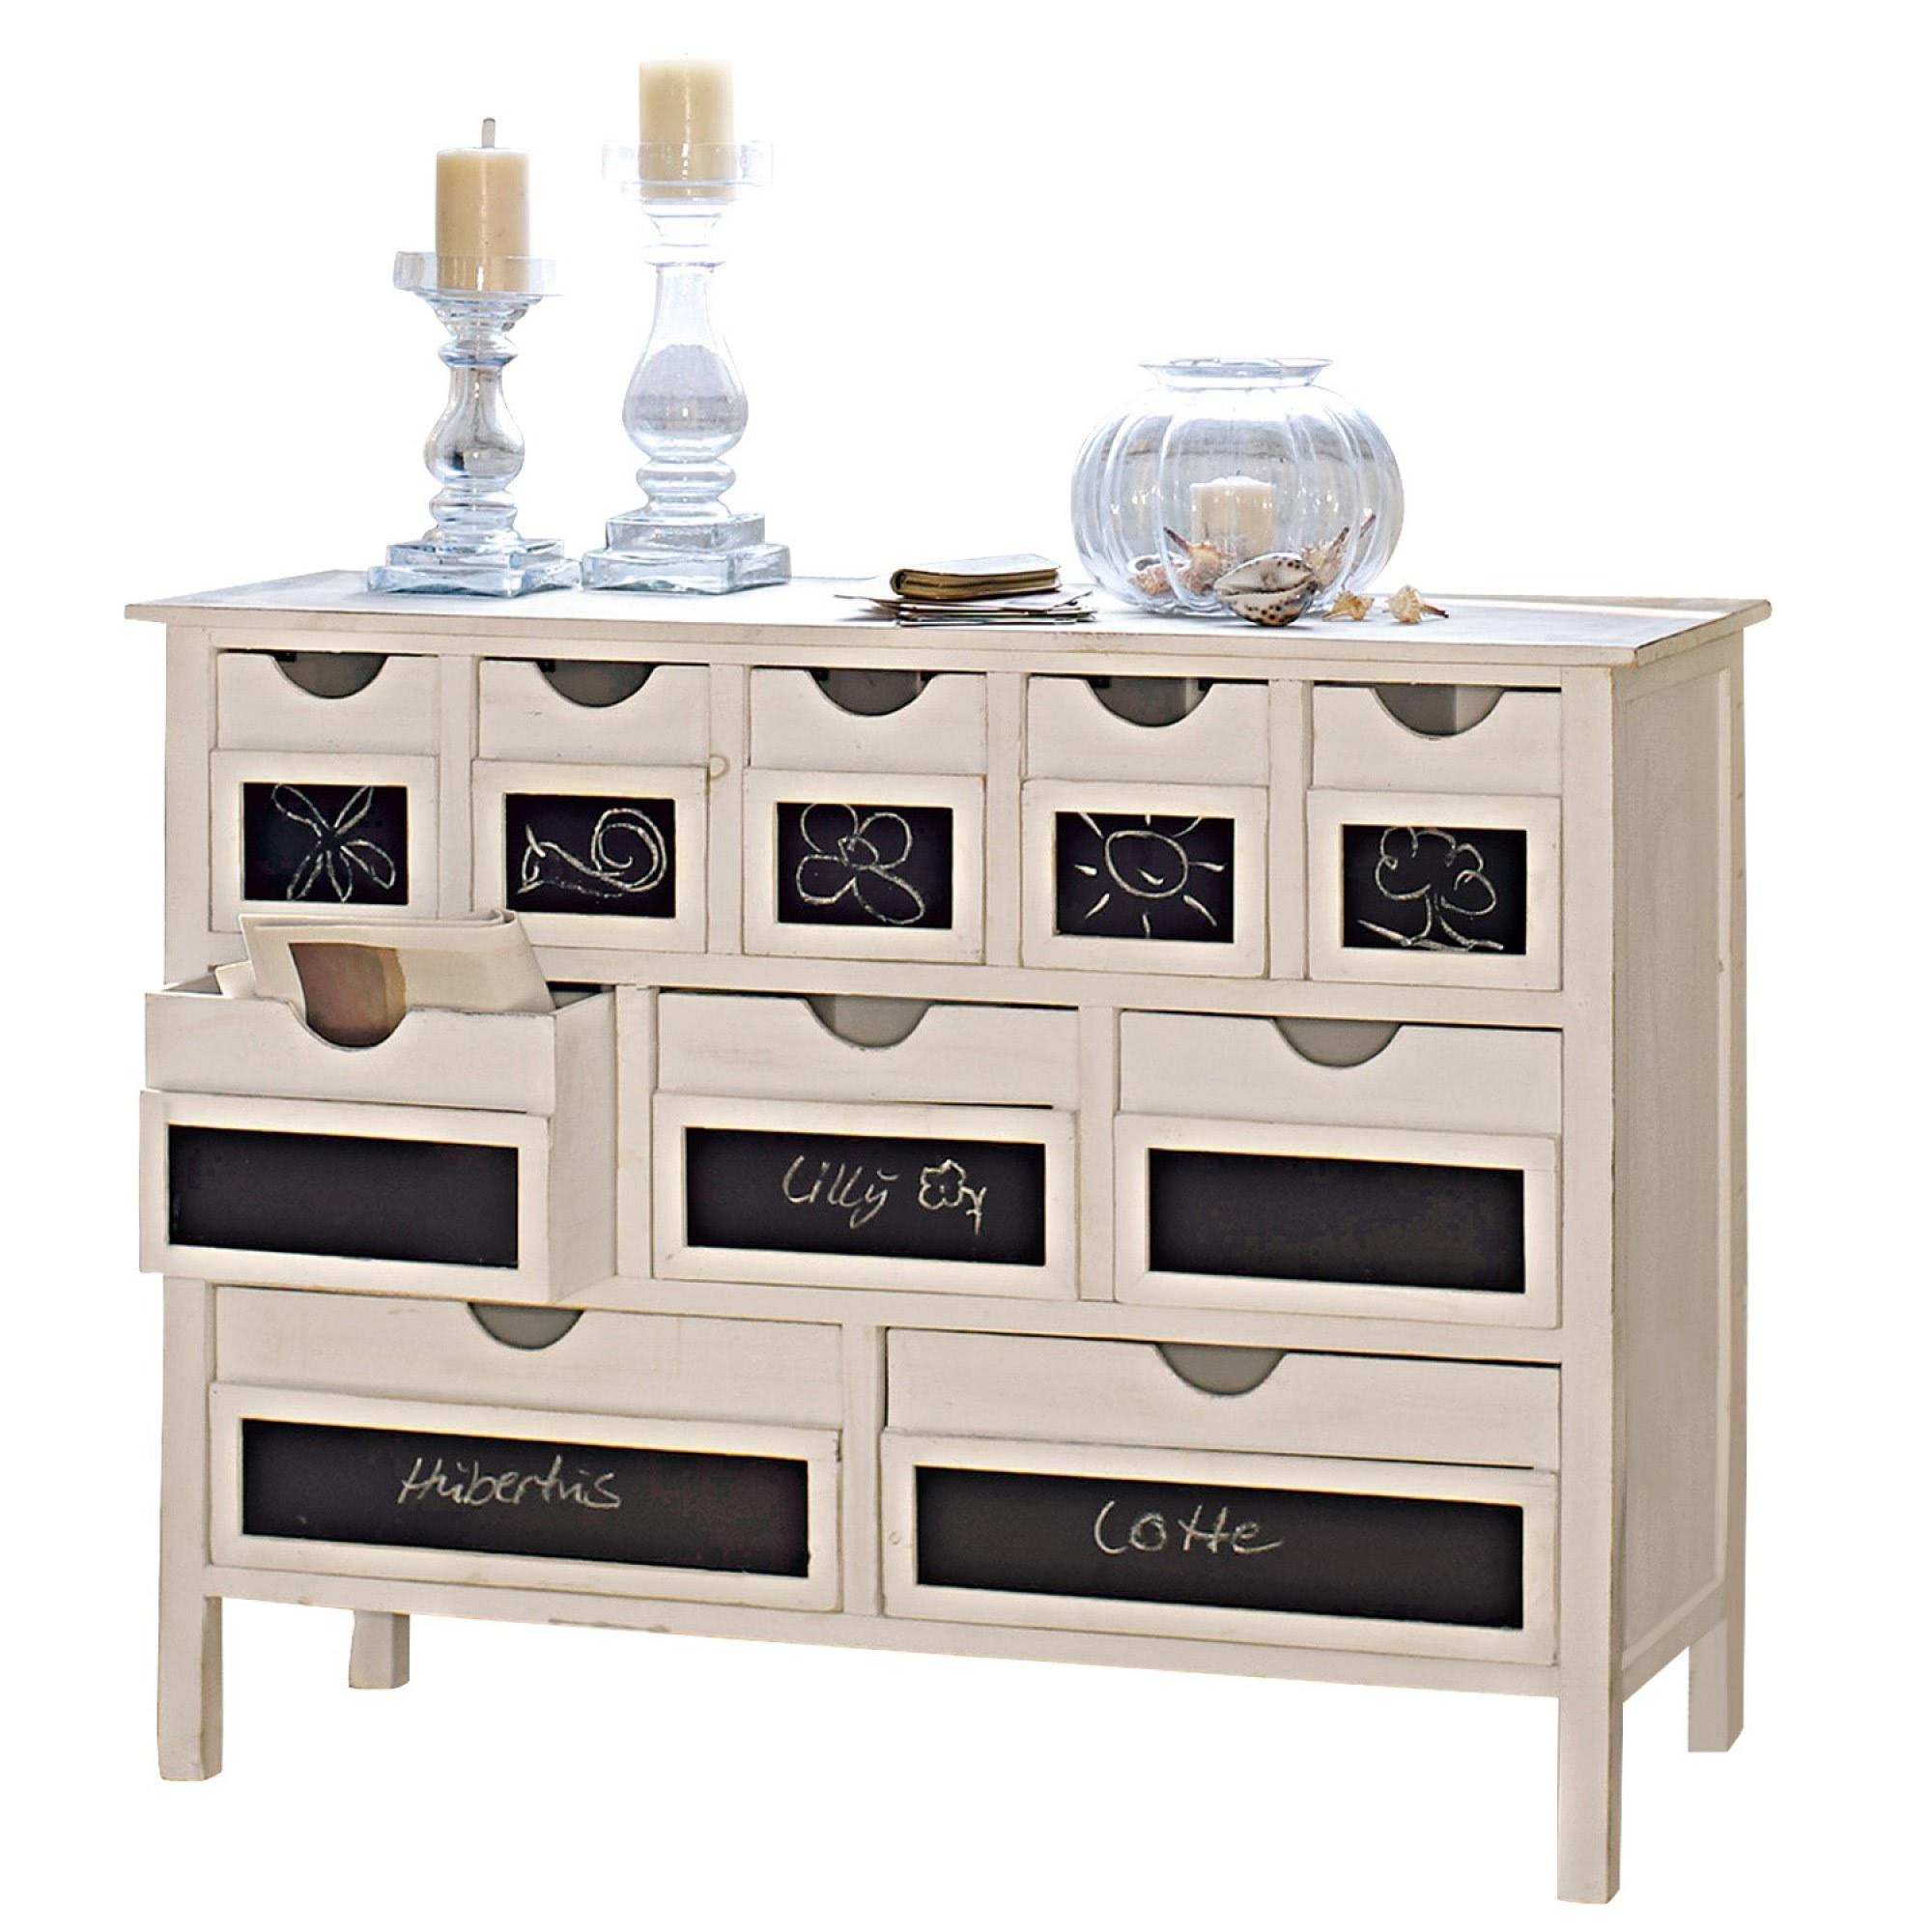 kommode designklassiker kommode modern elegant wei. Black Bedroom Furniture Sets. Home Design Ideas